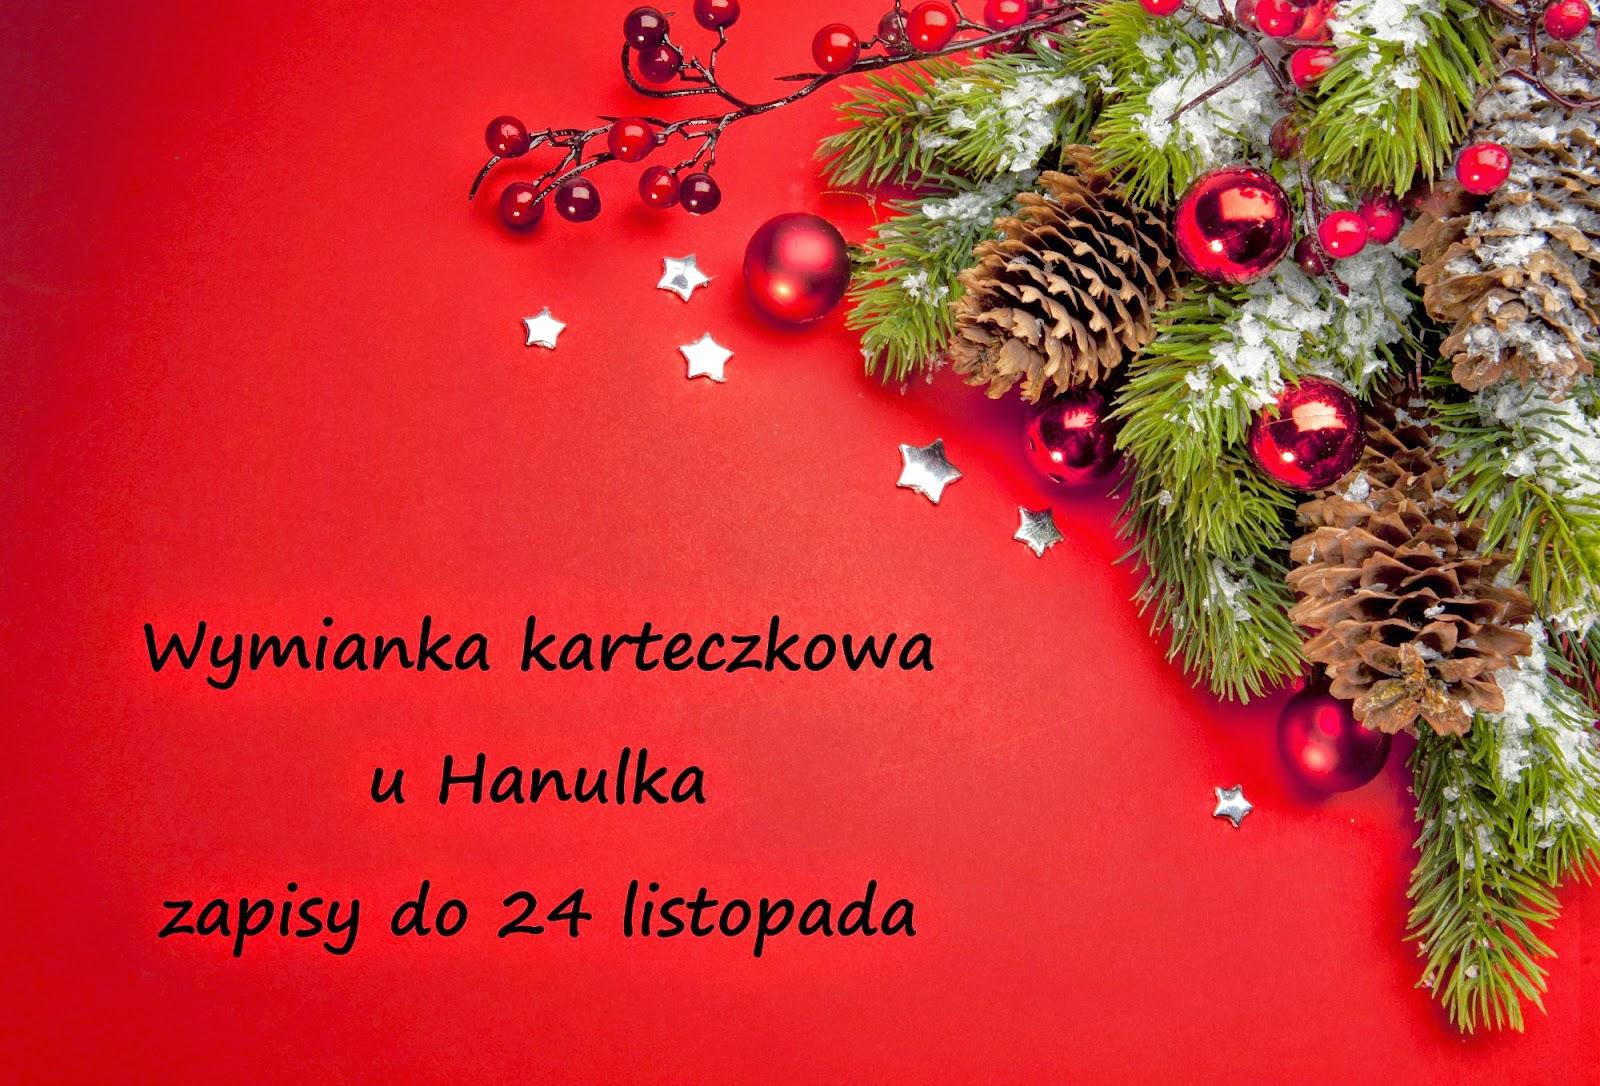 Bożonarodzeniowa wymianka karteczkowa u Hanulka